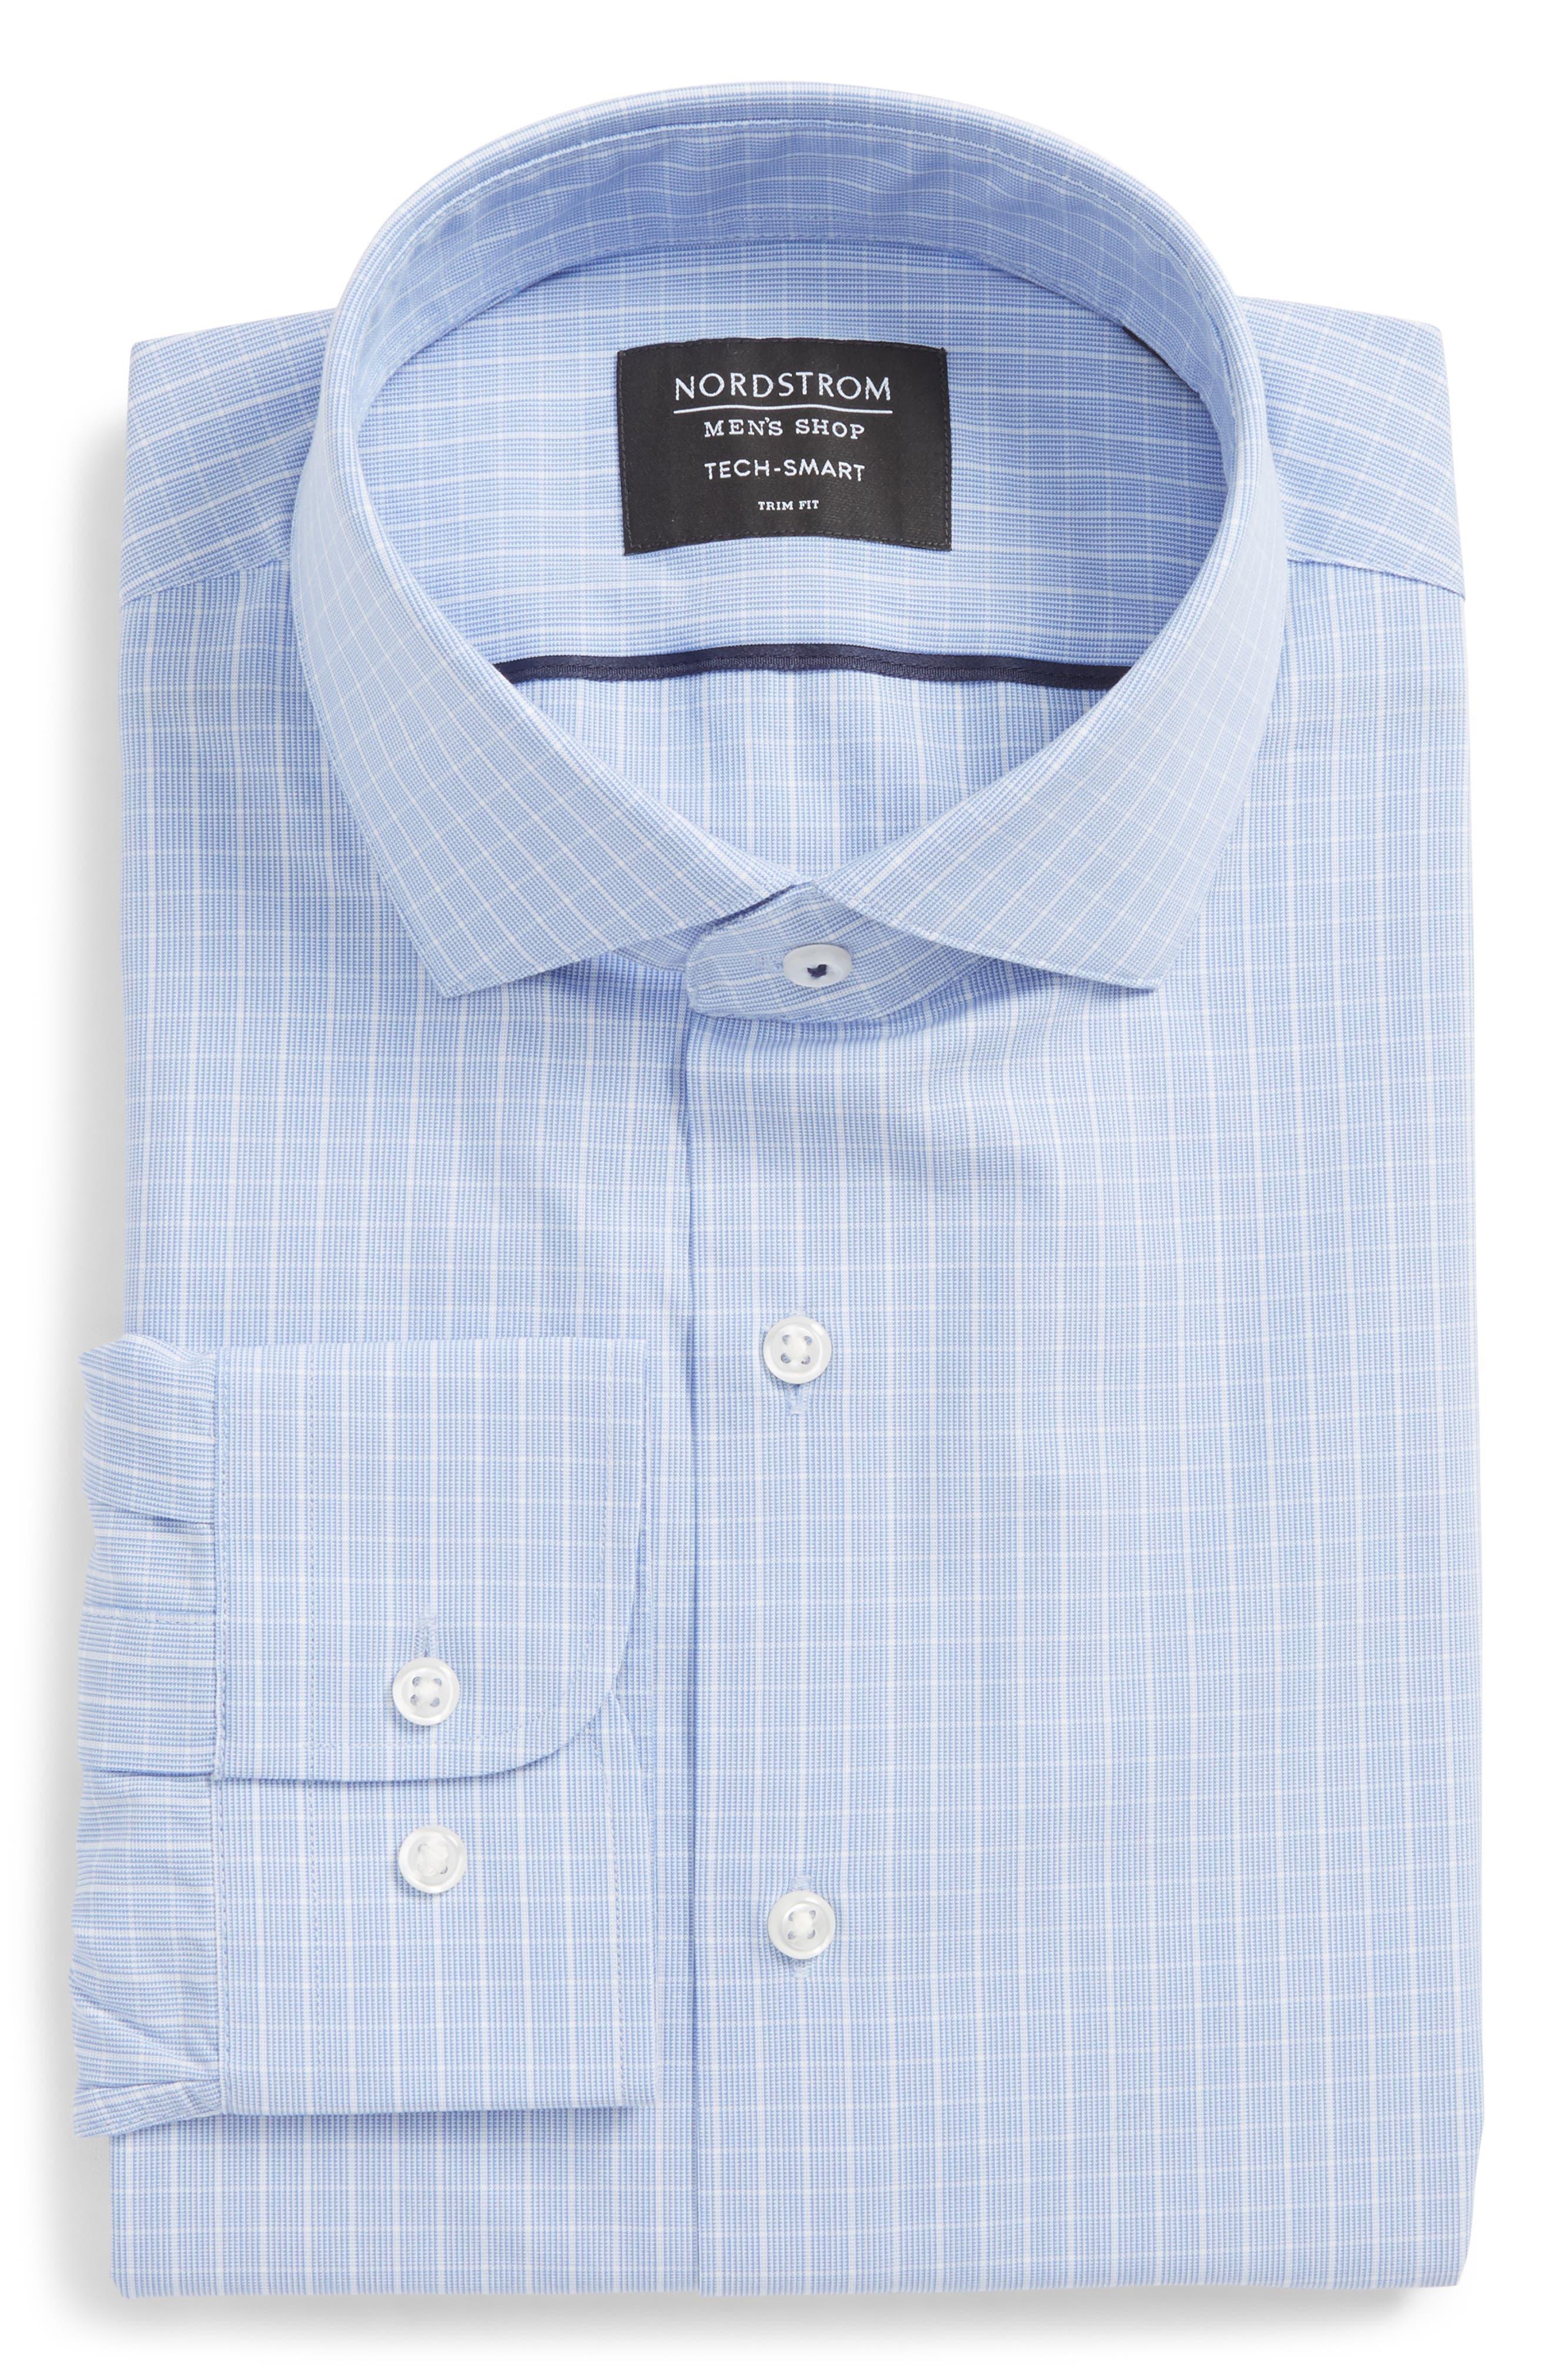 Nordstrom Men's Shop Tech-Smart Trim Fit Grid Dress Shirt